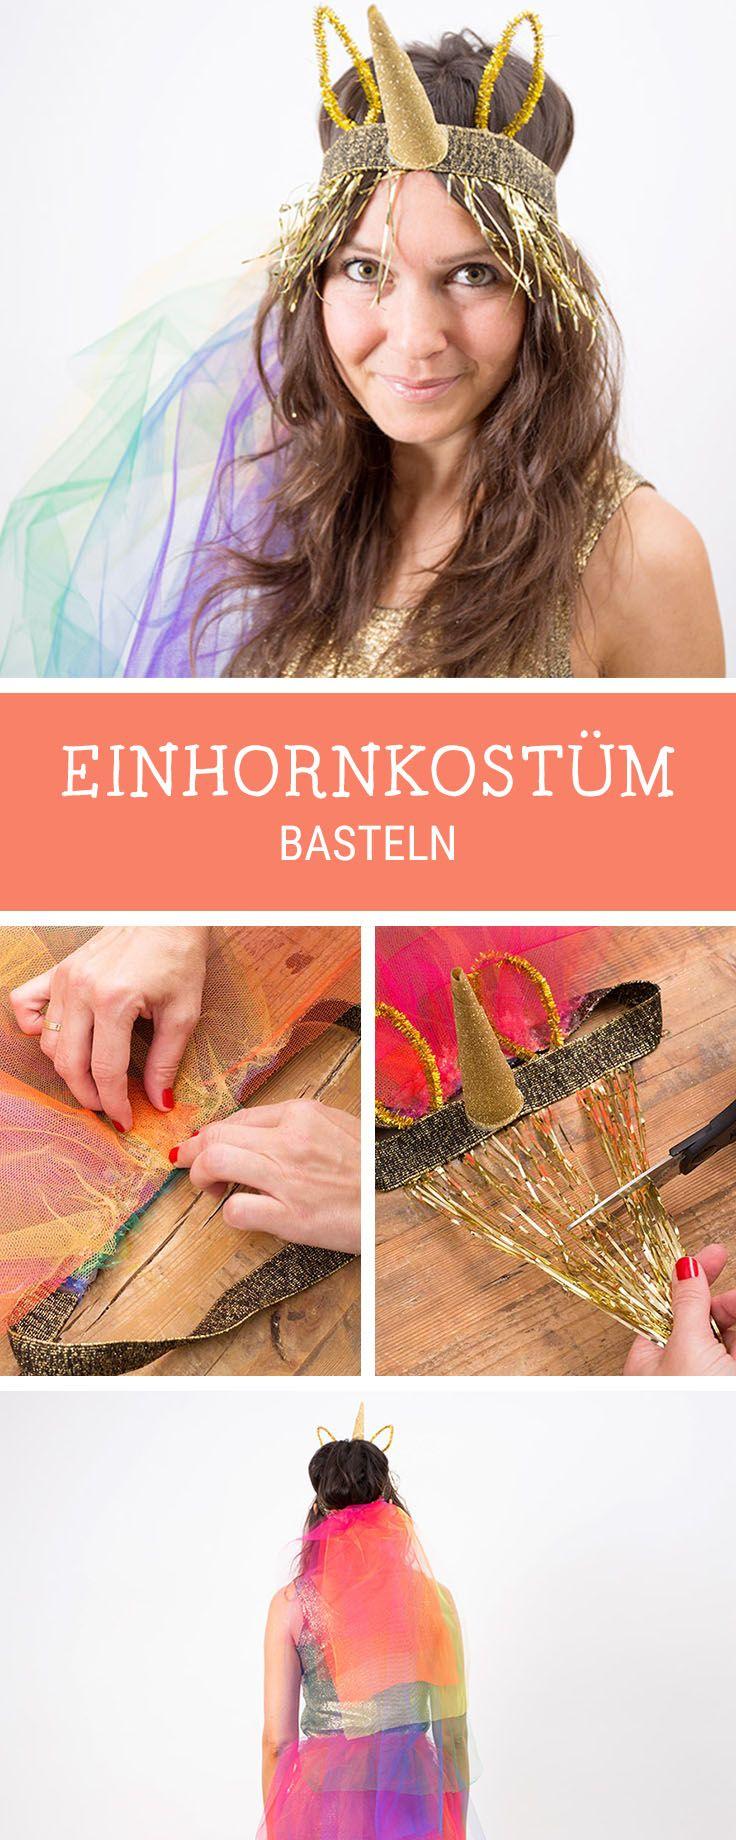 Kostüme für Erwachsene: Buntes Einhornkostüm für Fasching und Karneval / unicorn carnival costume, also for adults via DaWanda.com